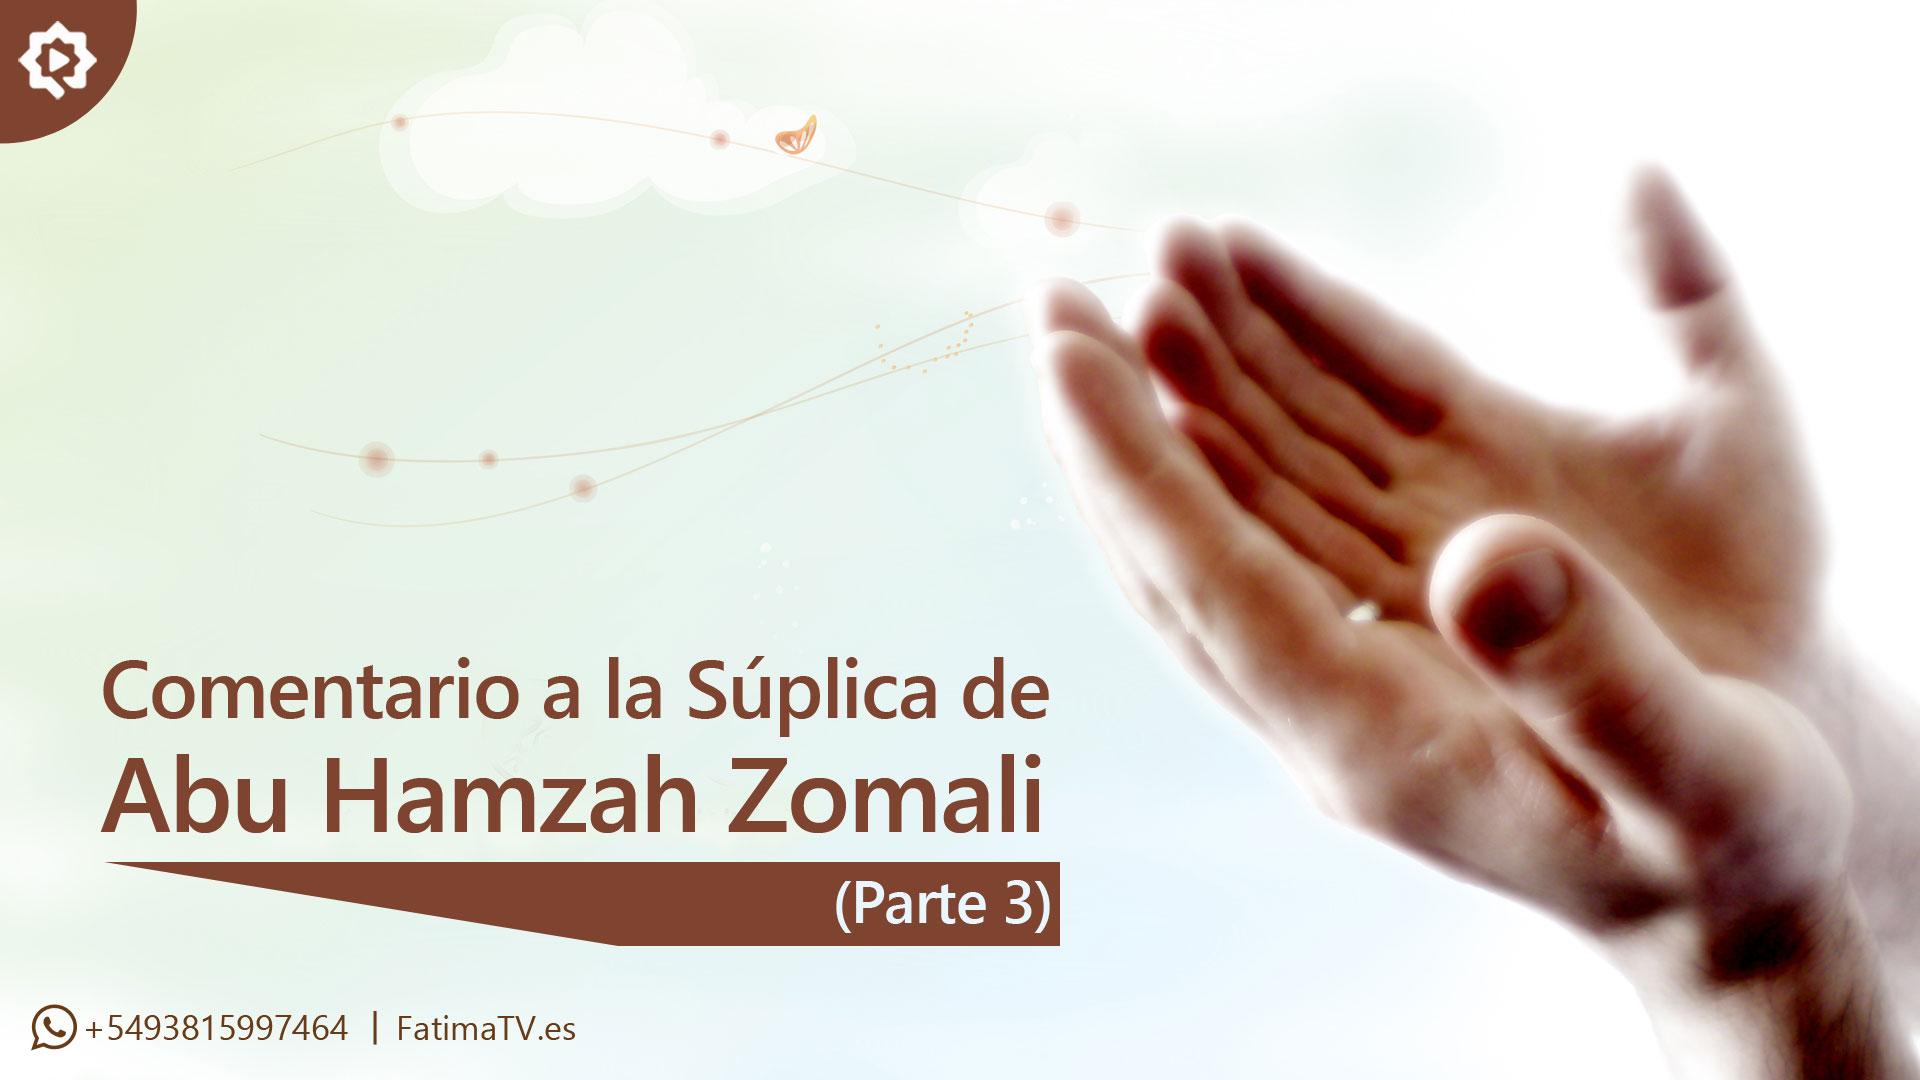 Comentario a la Súplica de Abu Hamzah Zomali (3)